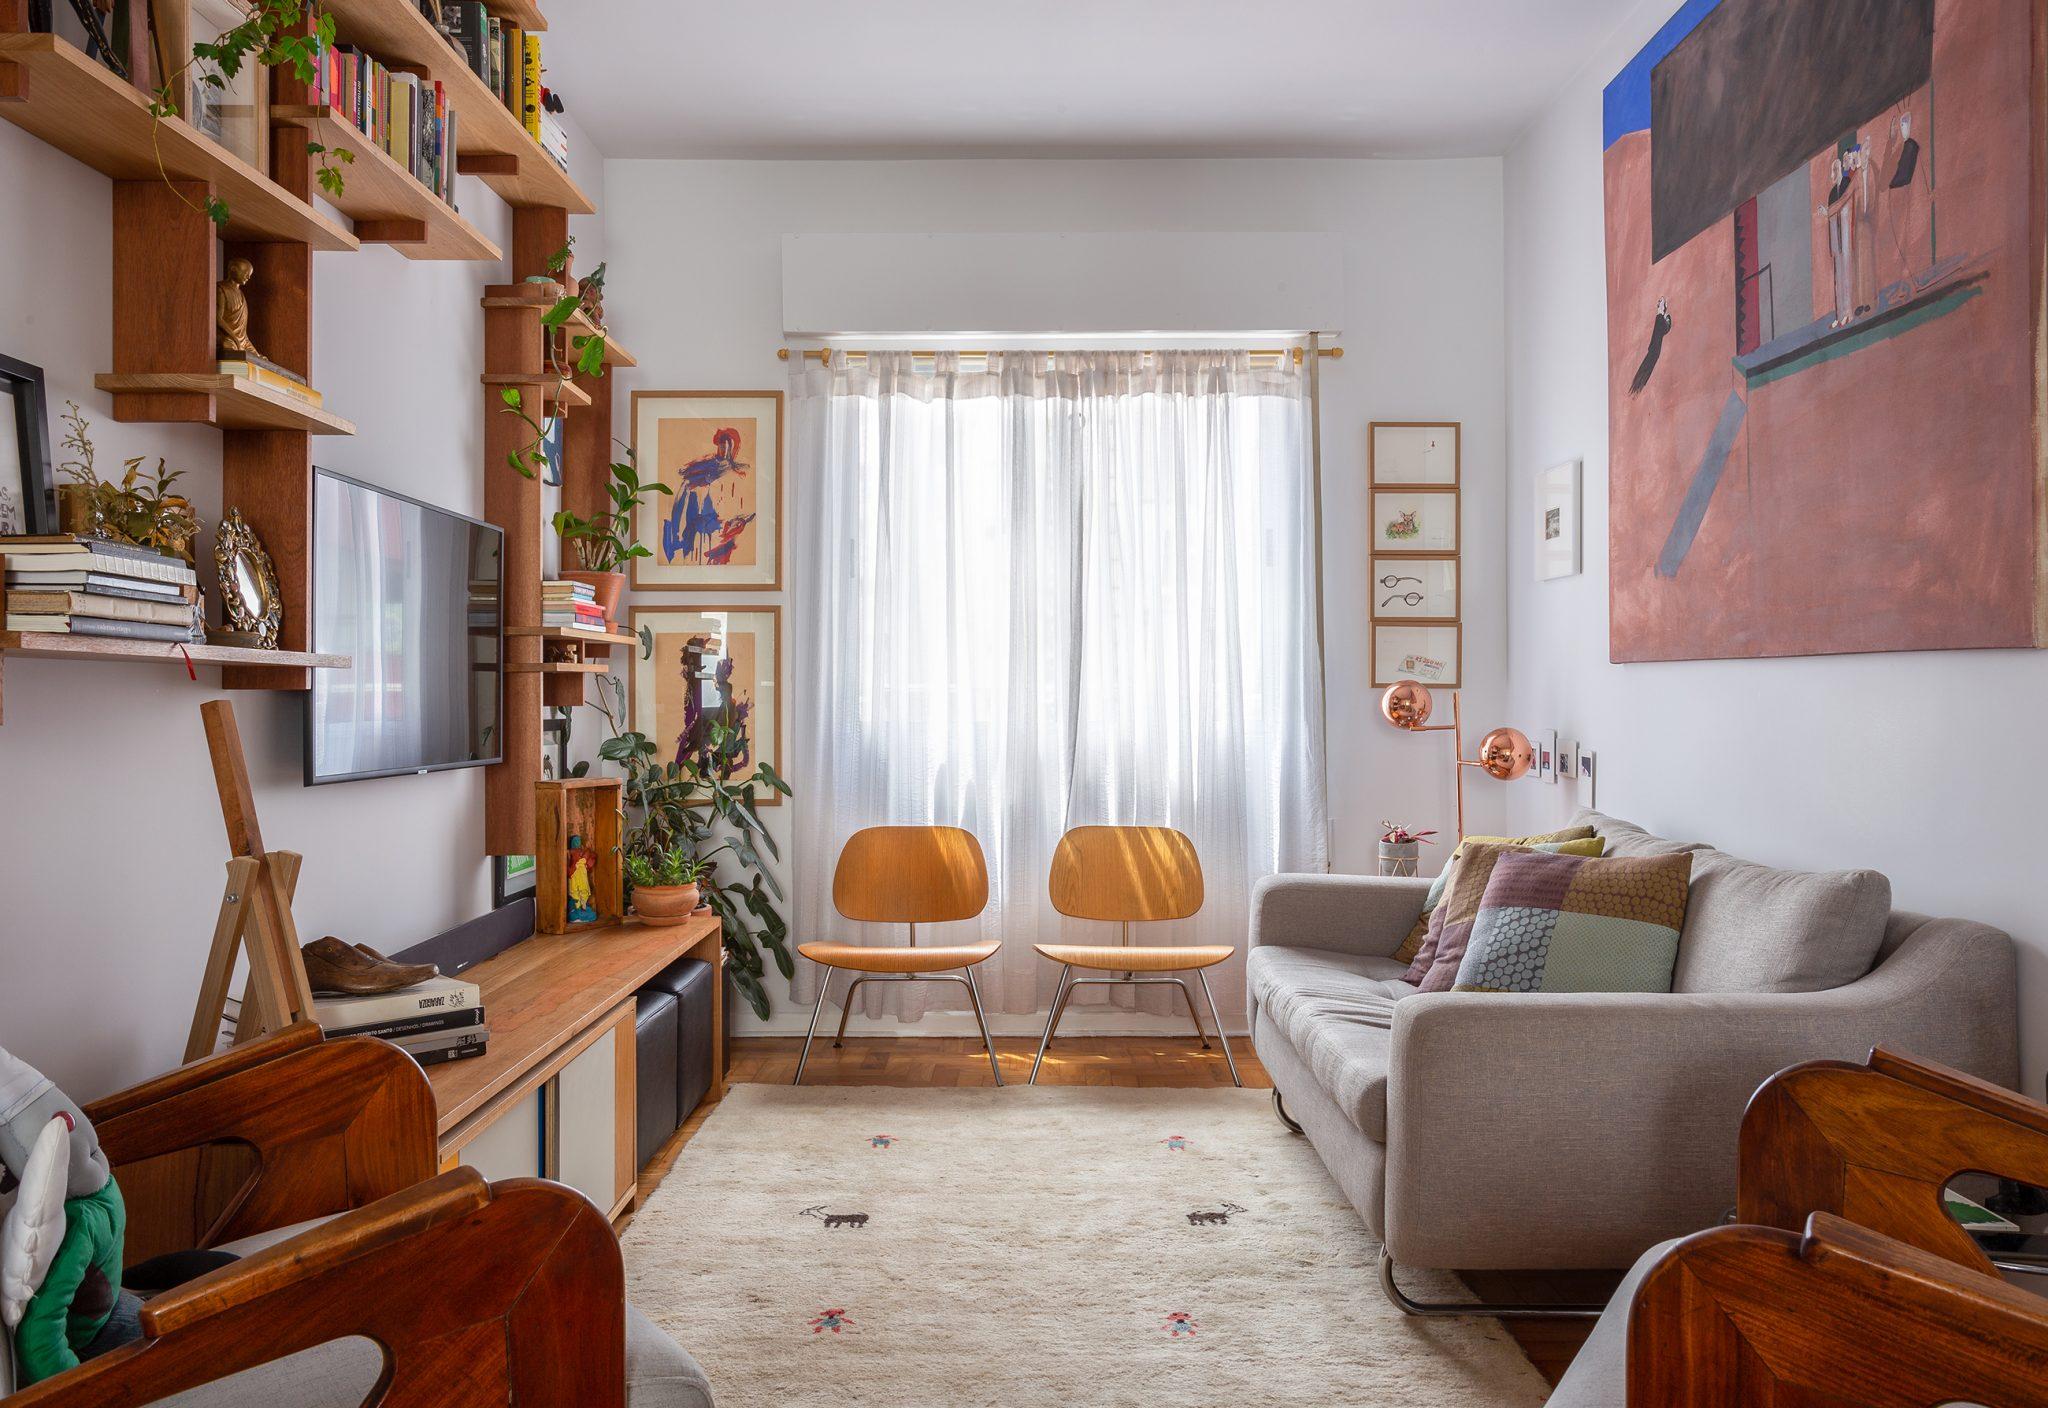 decoração sala com muitos qadros, prateleiras de madeira e cadeira eames